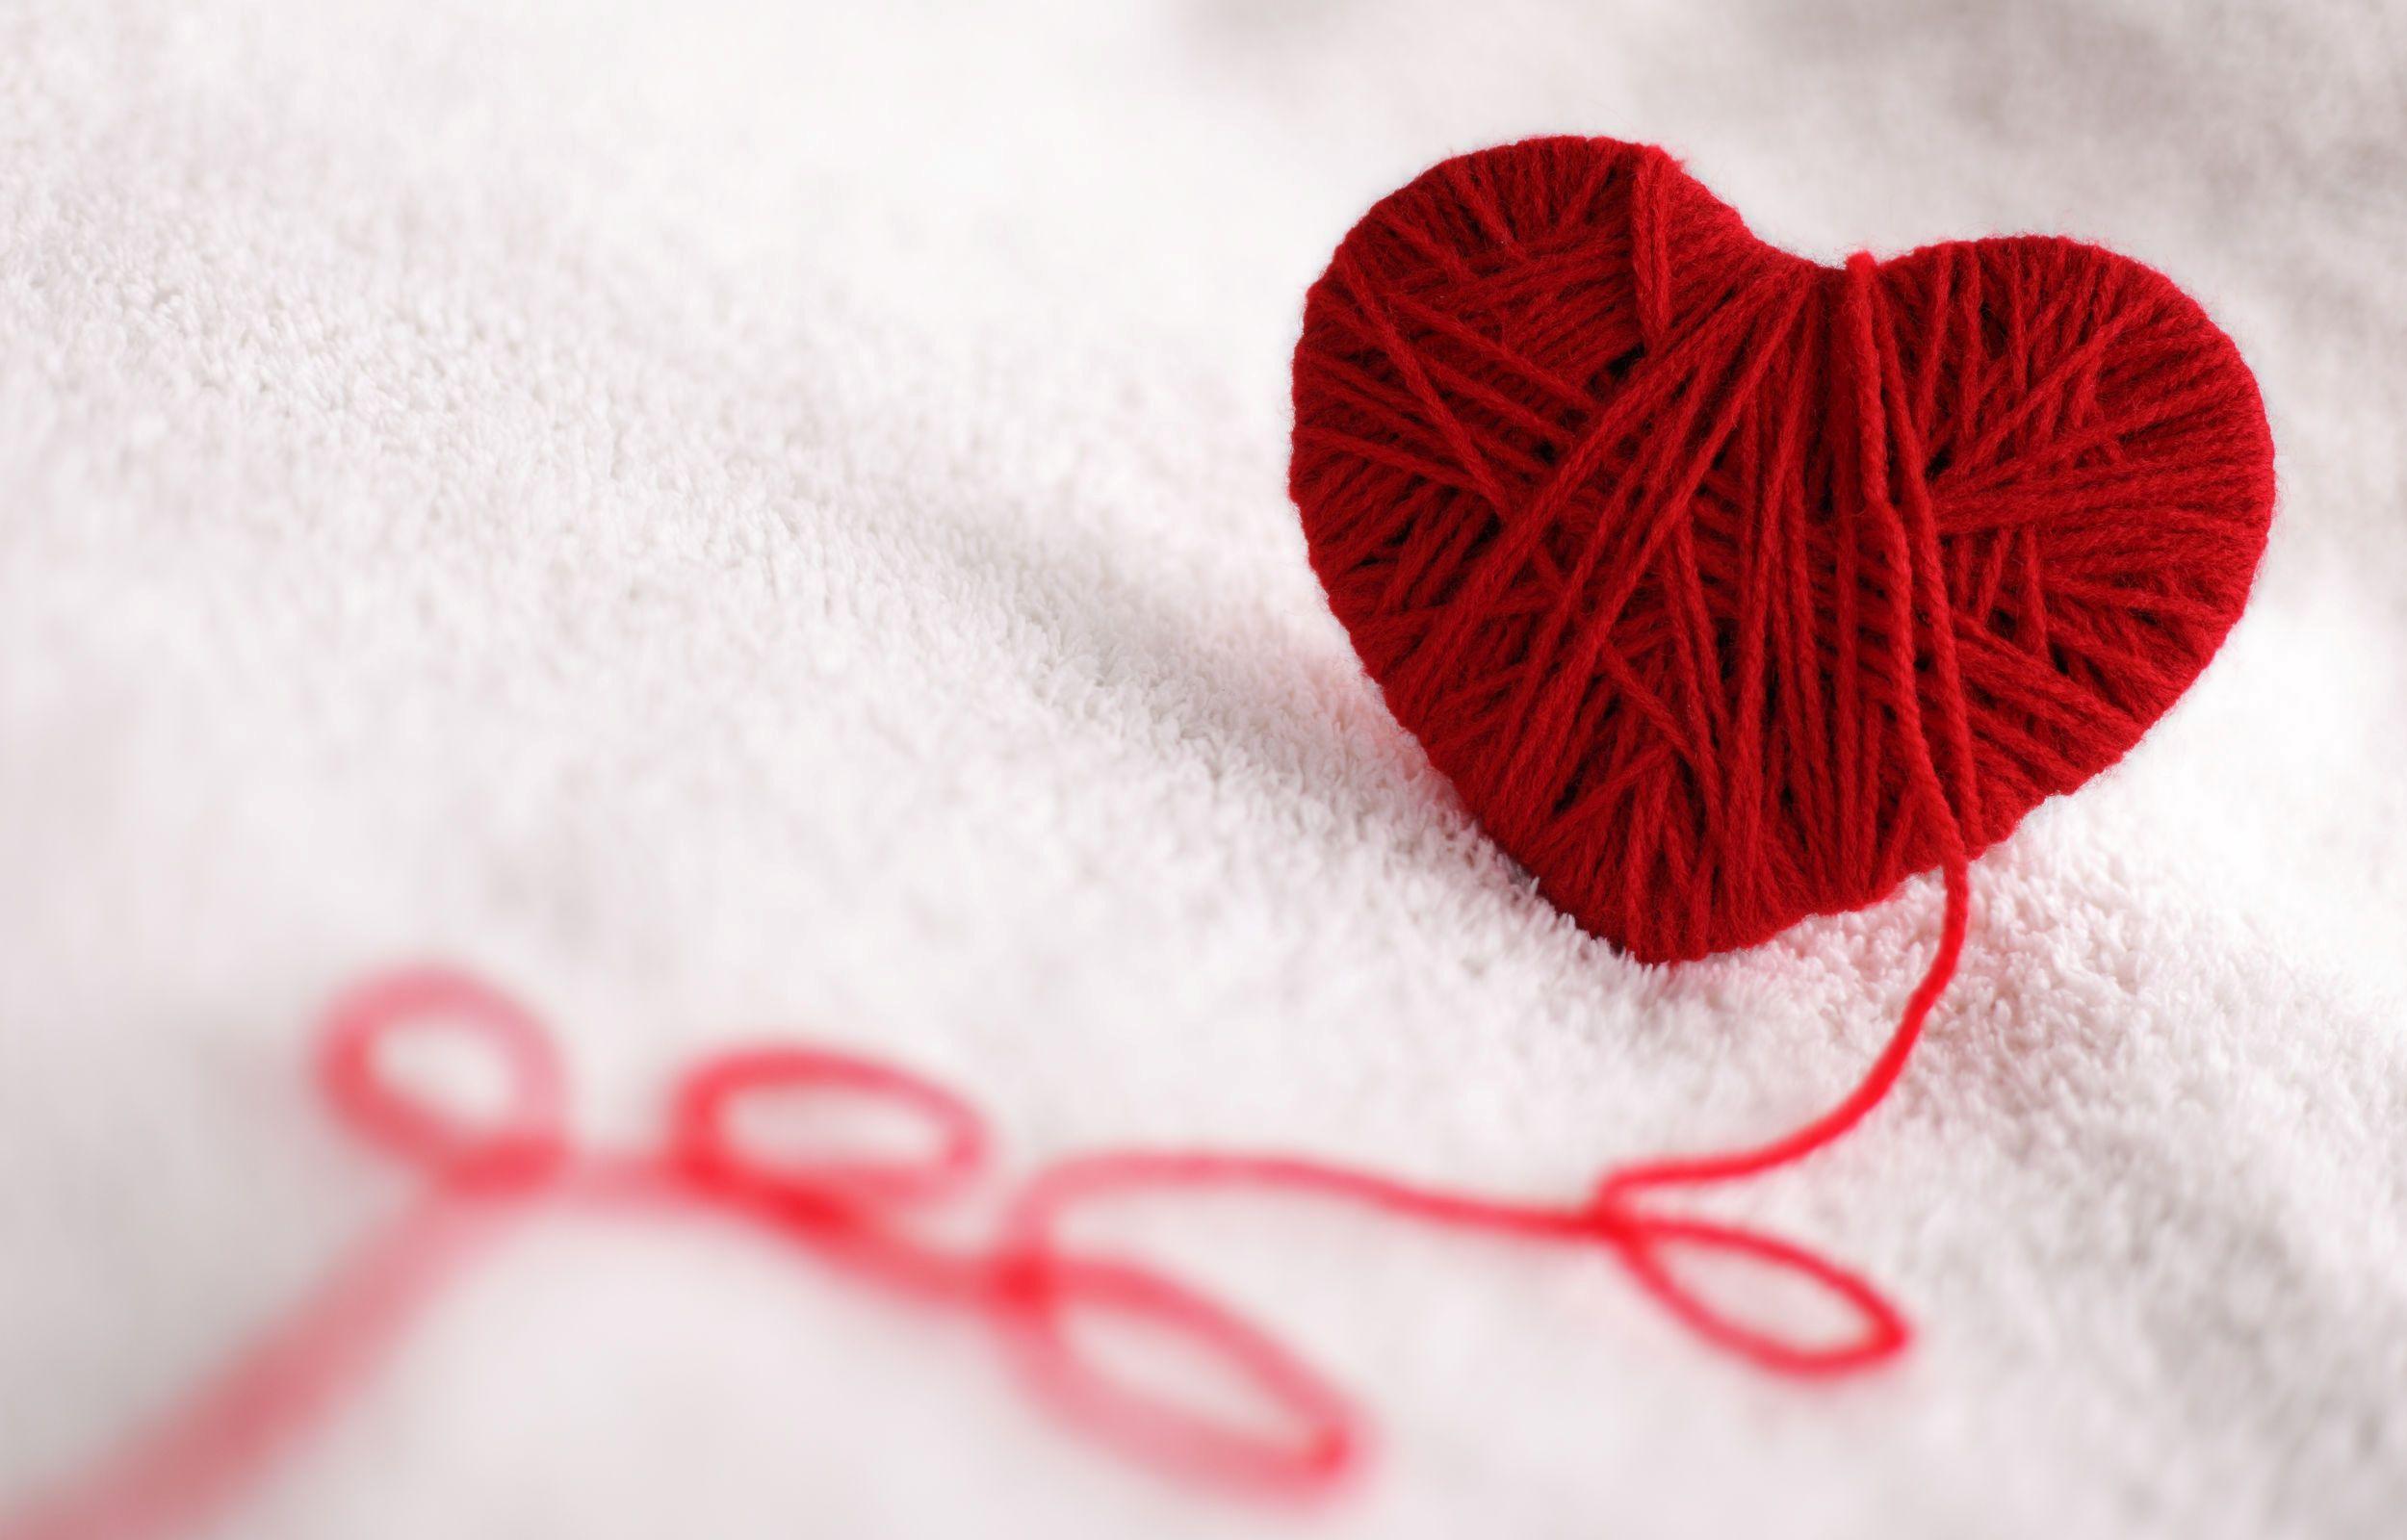 Сердечко из ниток